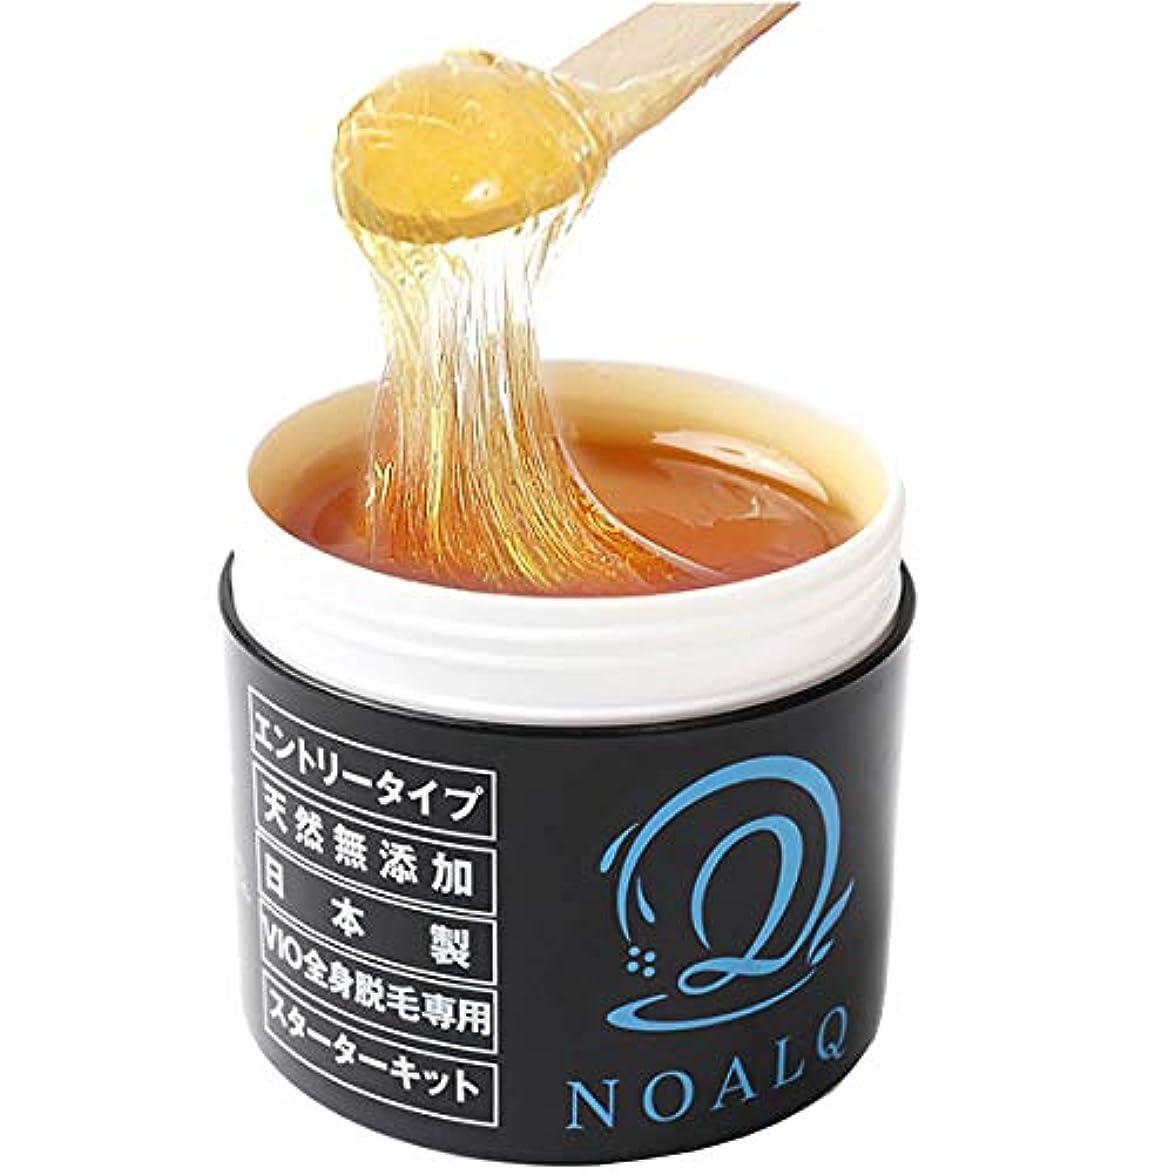 要件酸化する賛美歌NOALQ(ノアルク) ブラジリアンワックス エントリータイプ 天然無添加素材 純国産100% VIO 全身脱毛専用 スターターキット